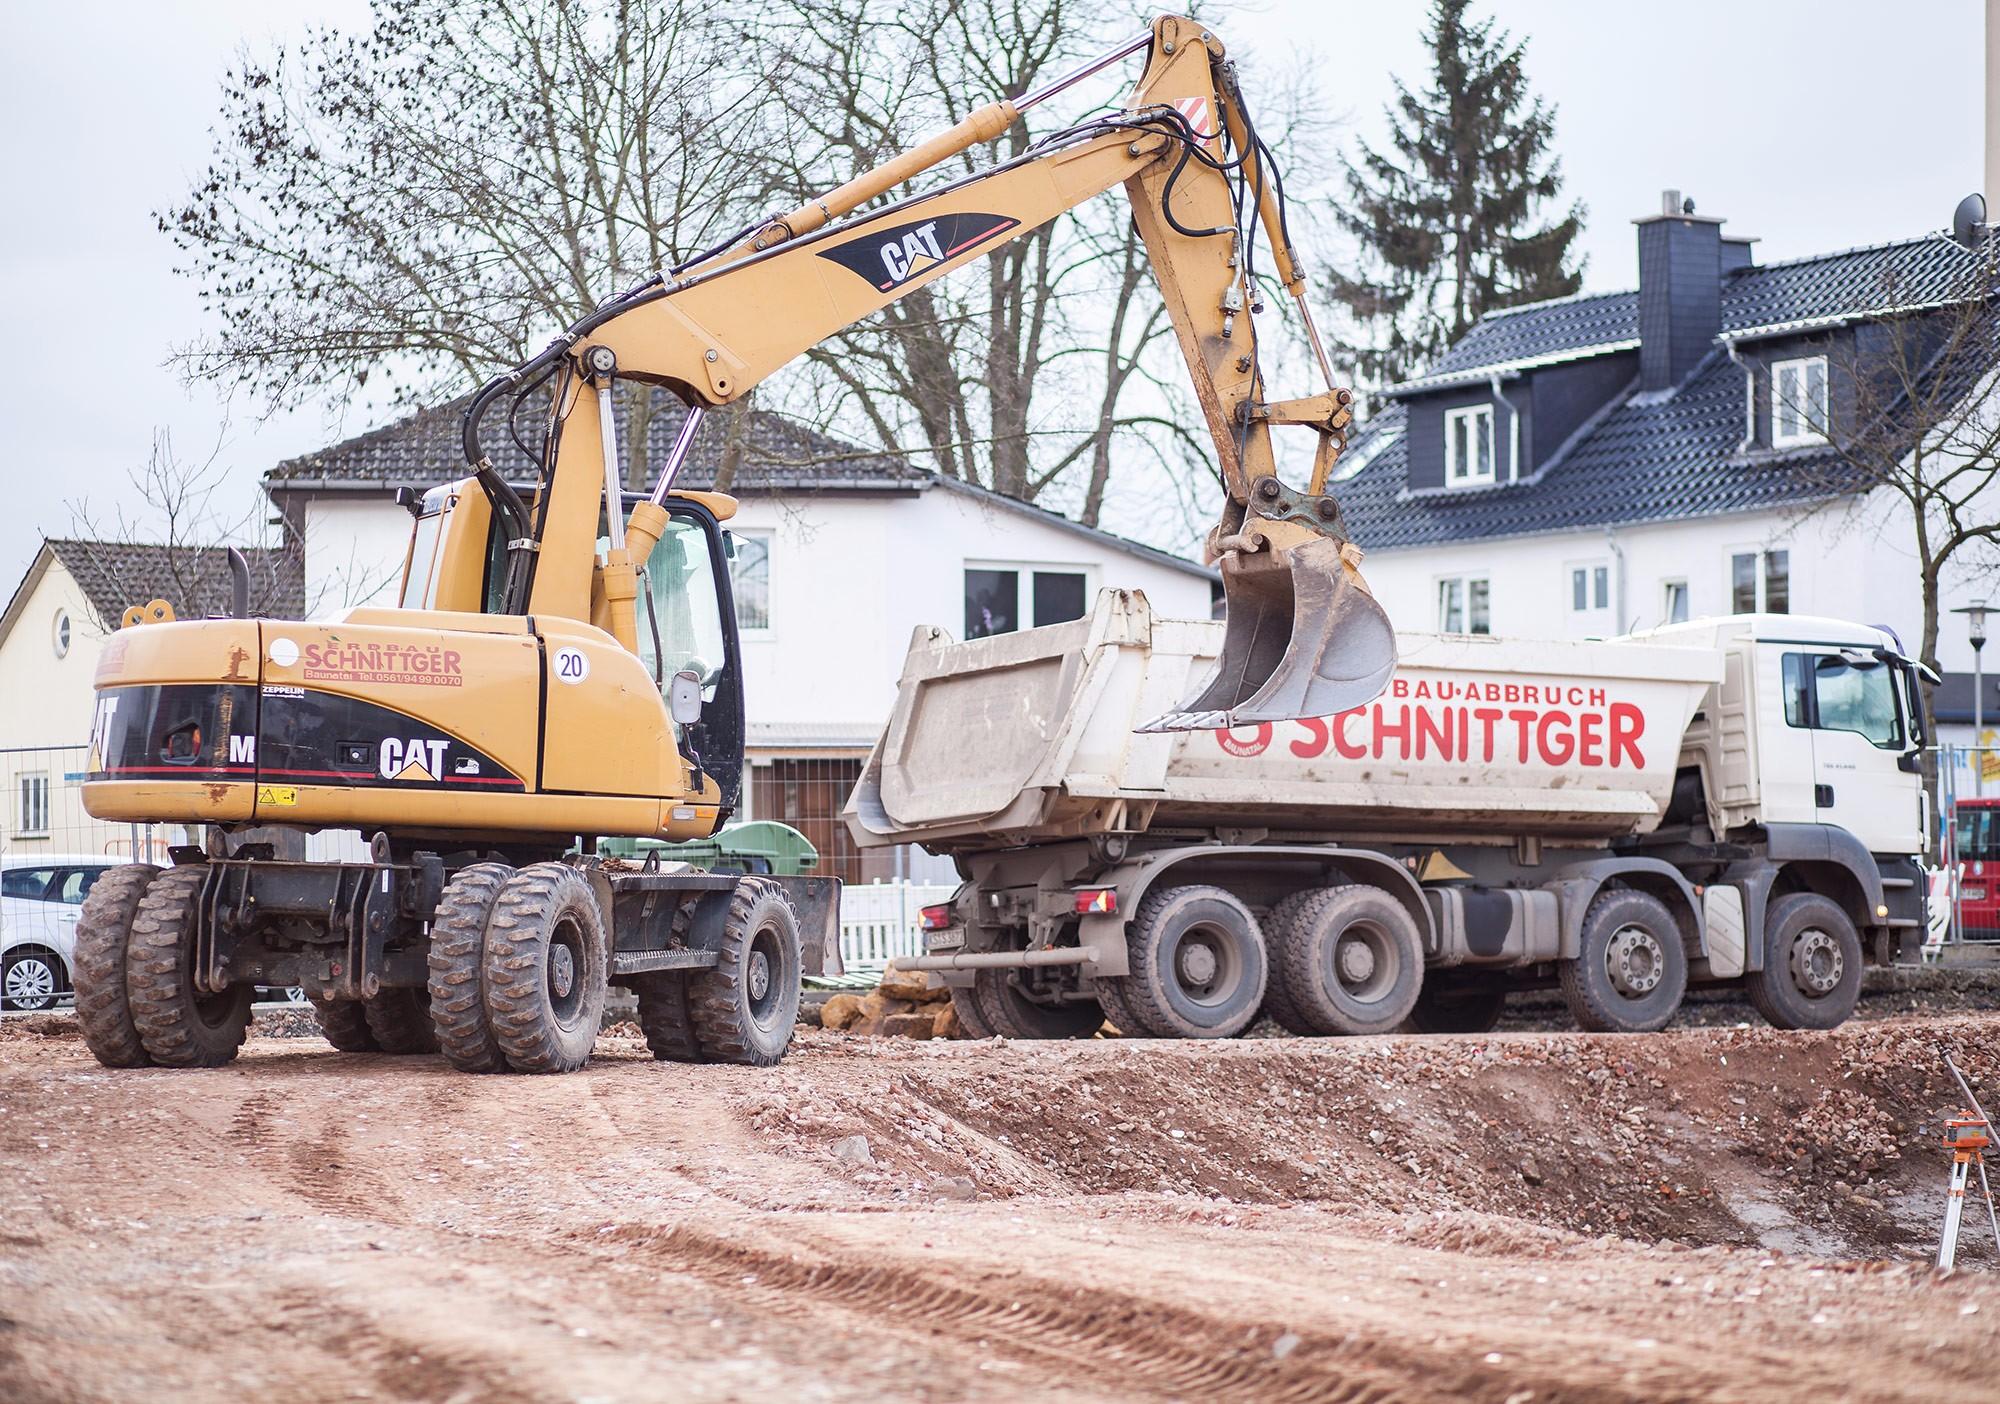 Tiefbau-/Straßenbauarbeiten